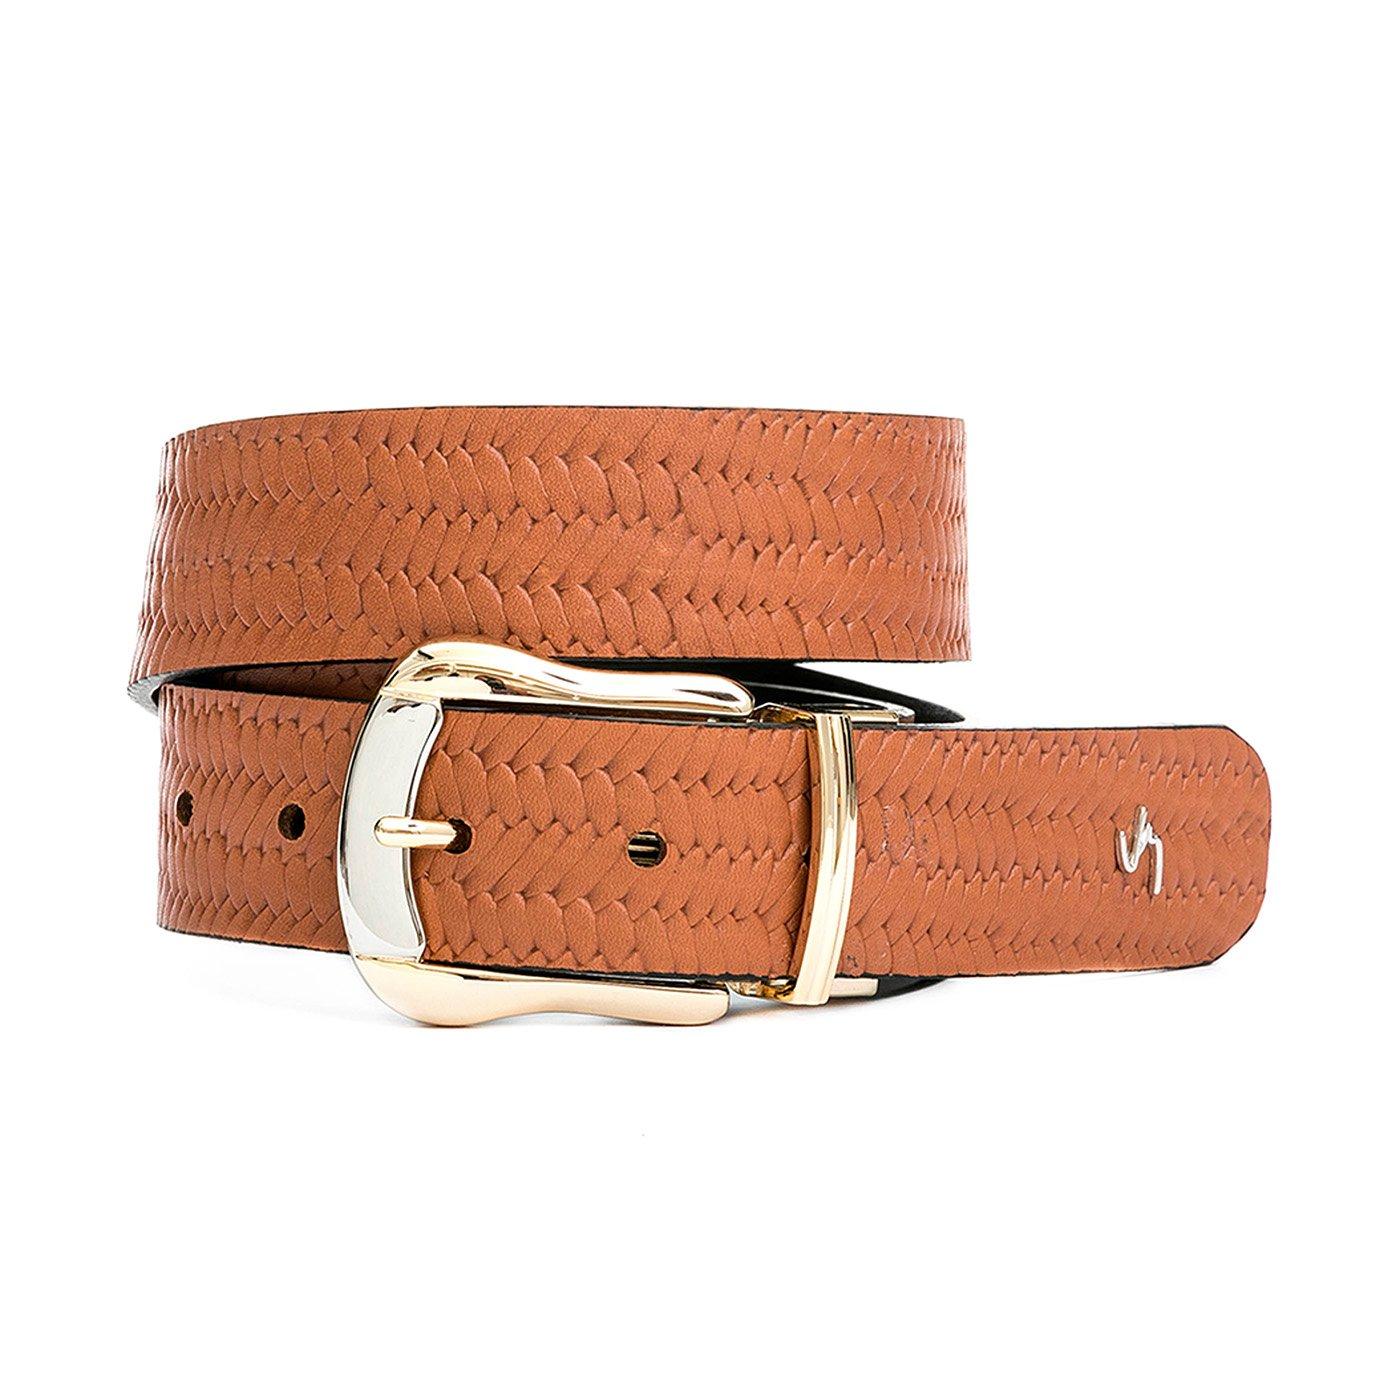 2cde95d1f7 VELEZ Genuine Leather Reversible Jeans Belt for Women